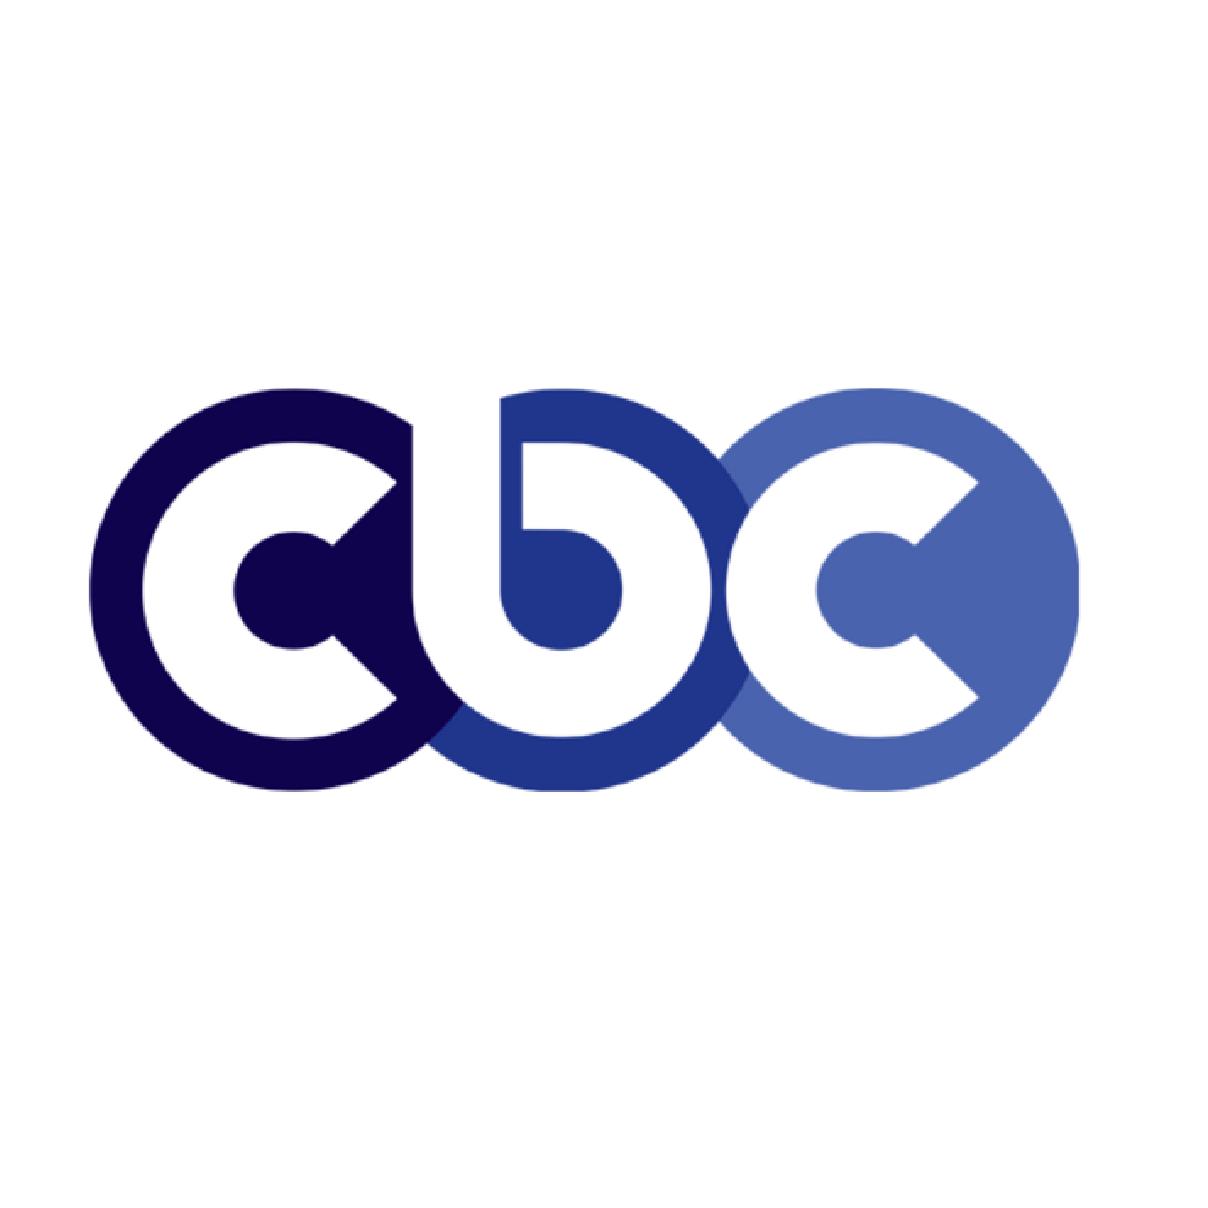 مجموعة قنوات سي بي سي - cbc